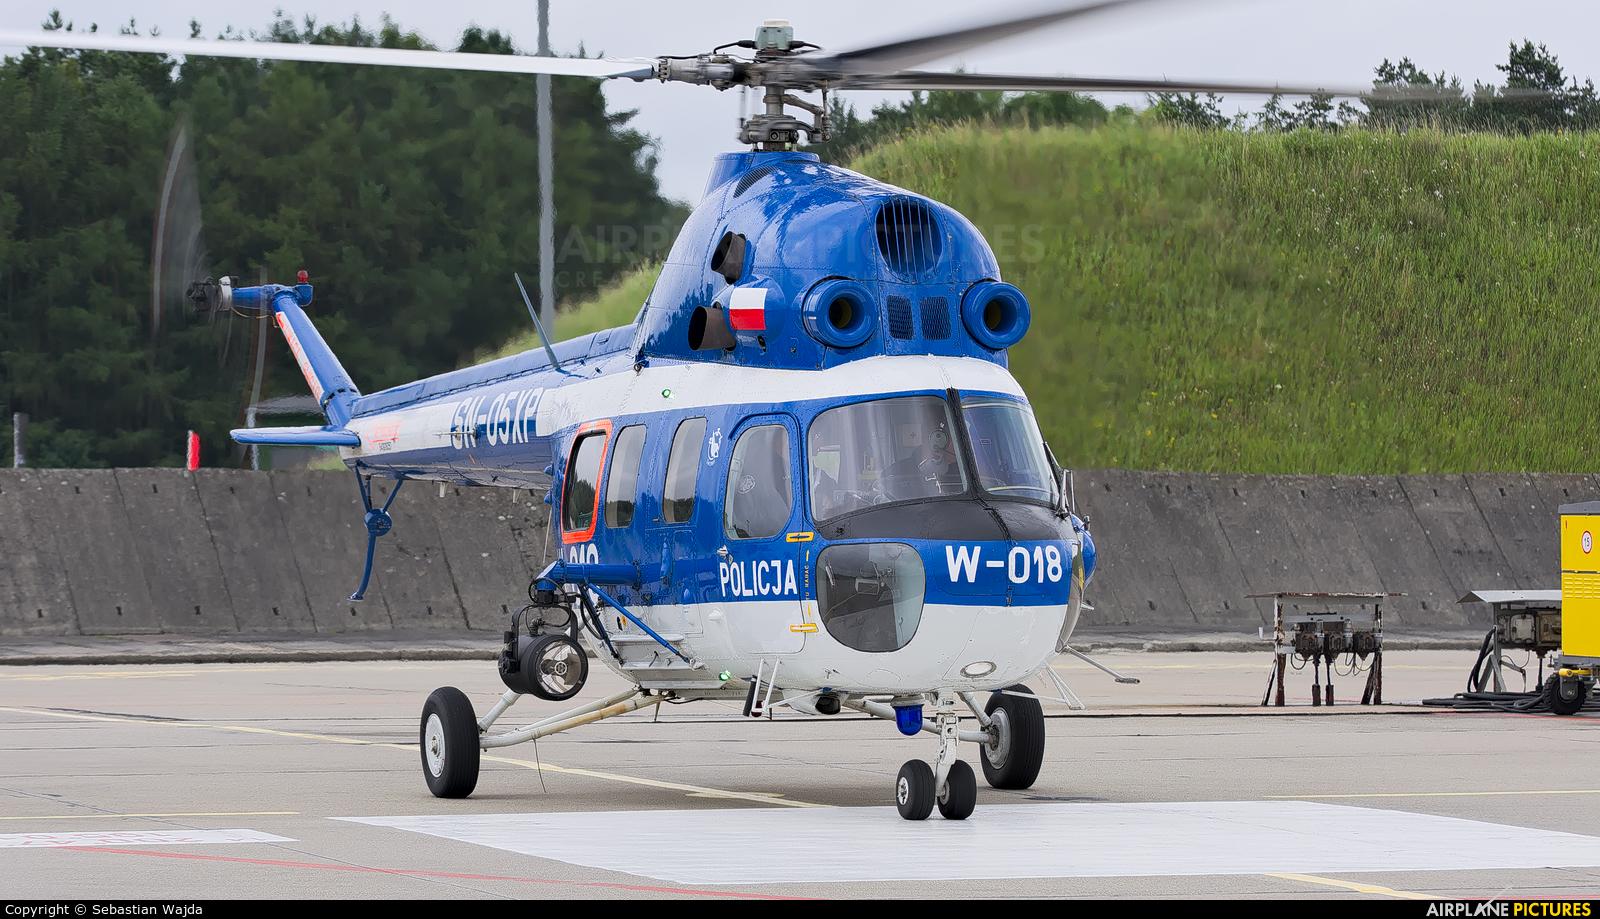 Poland - Police SN-05XP aircraft at Świdwin